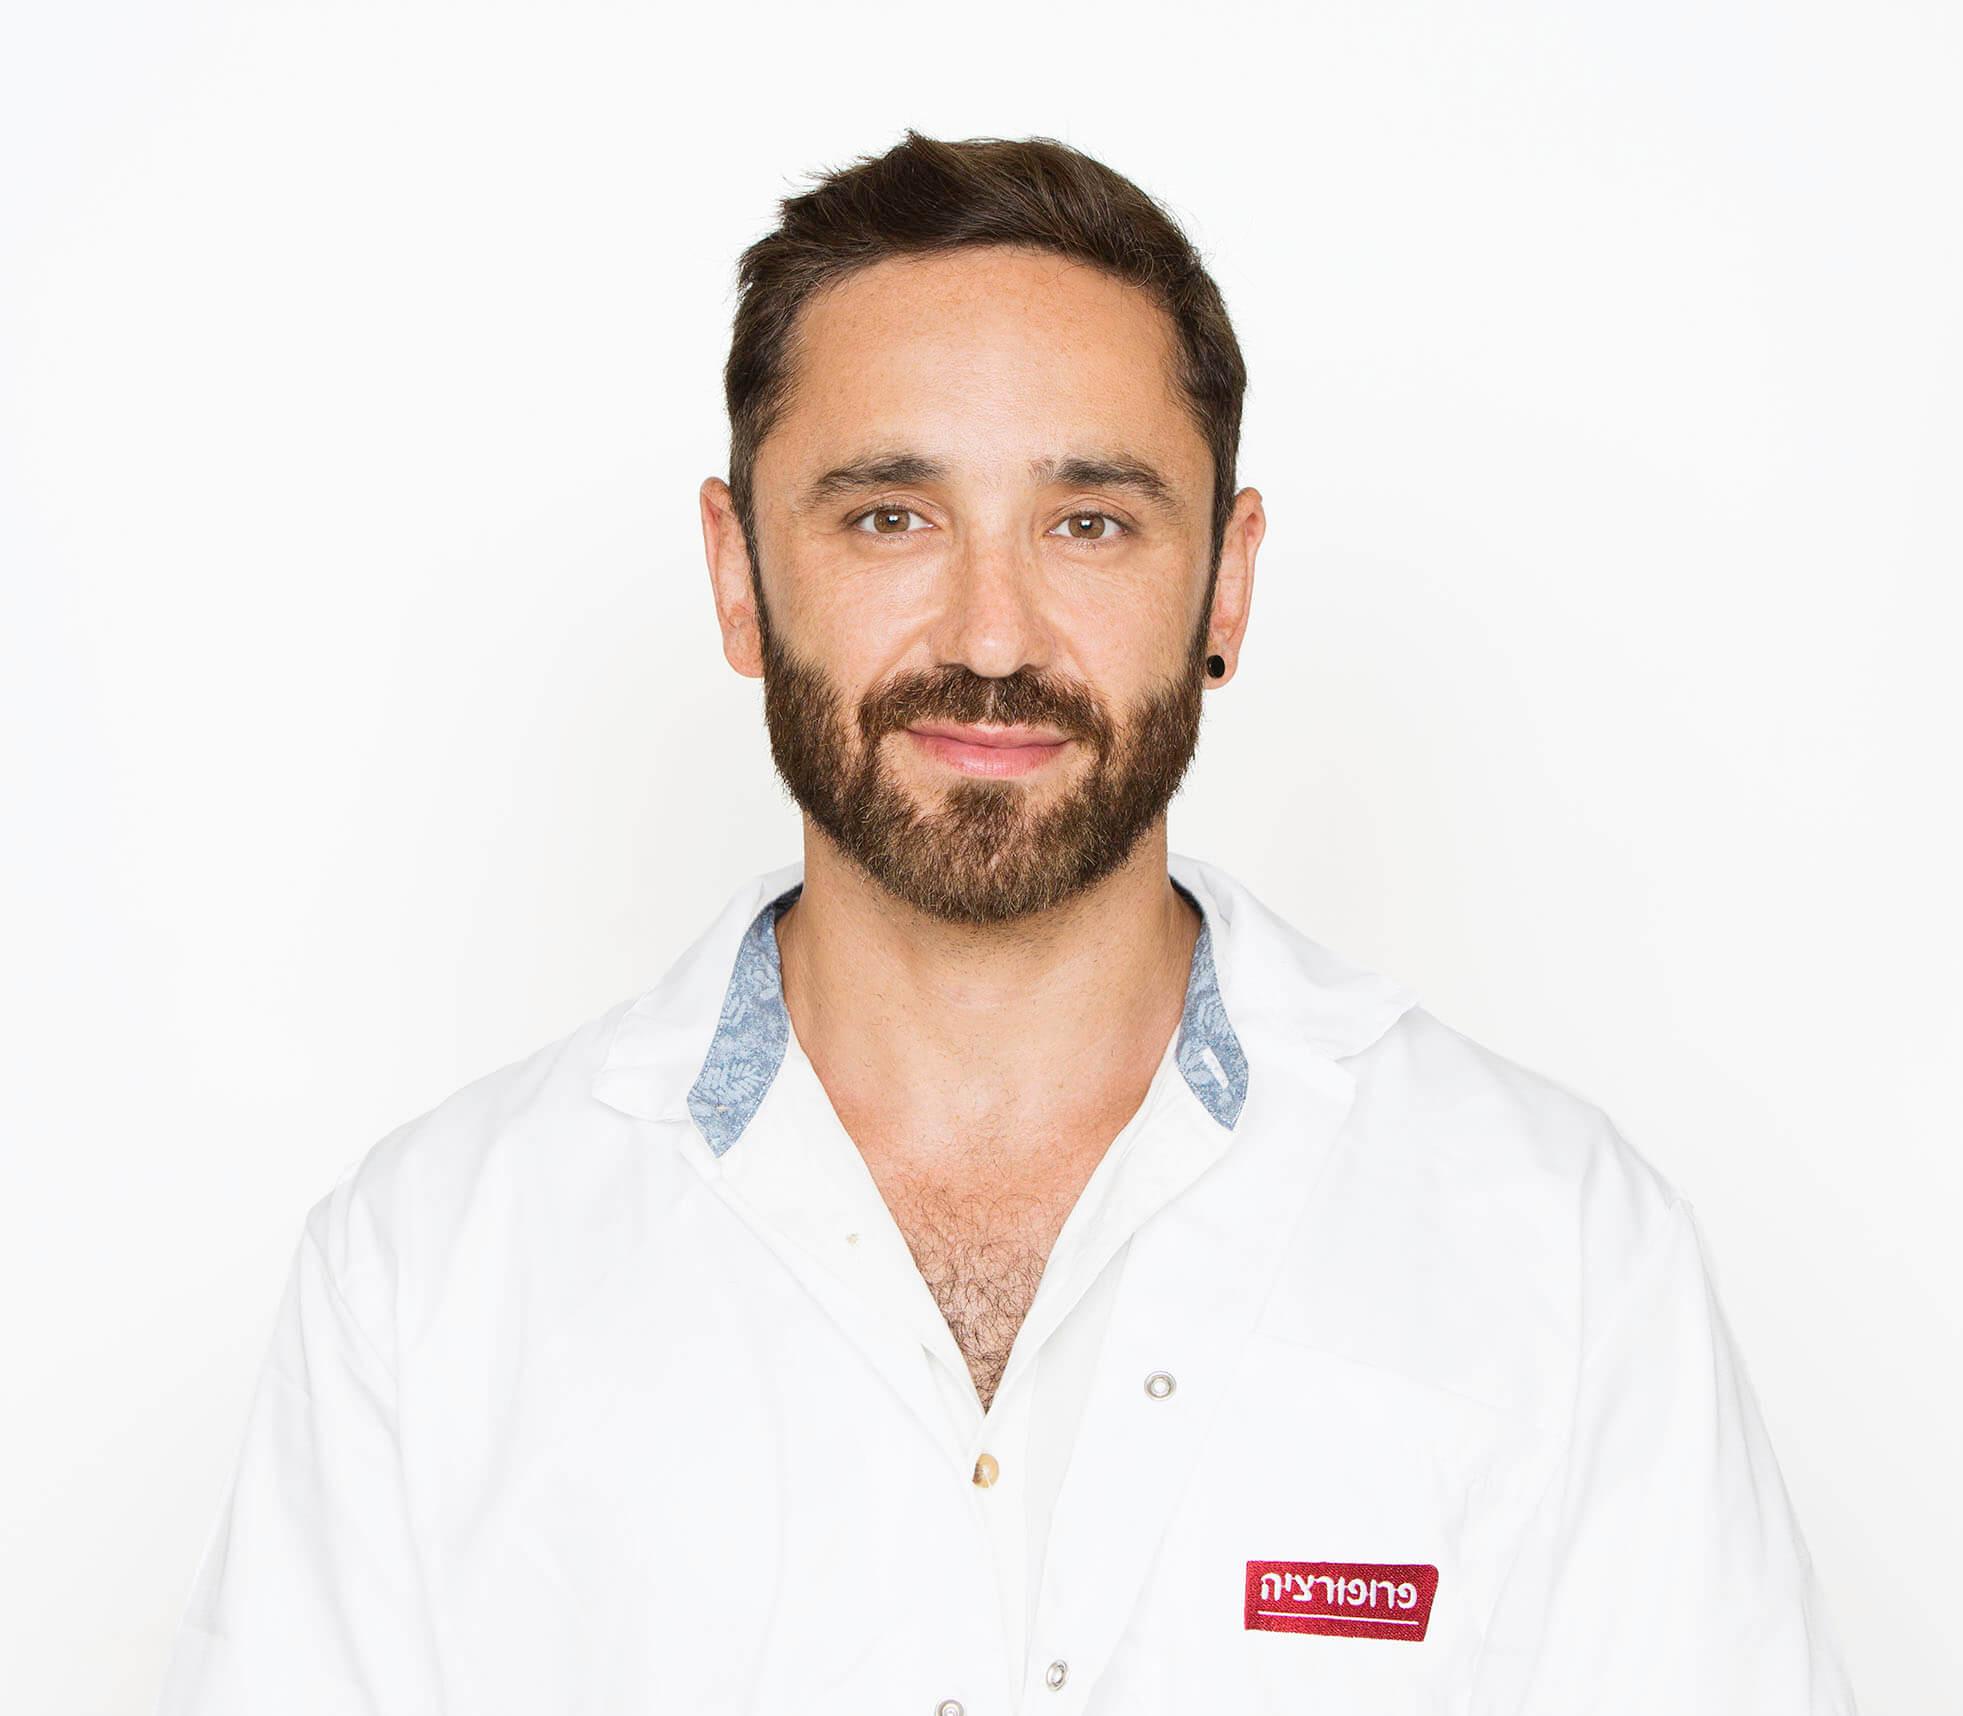 """ד""""ר אורון כהן מילוי קמטים ועיצוב הפנים פרופורציה"""